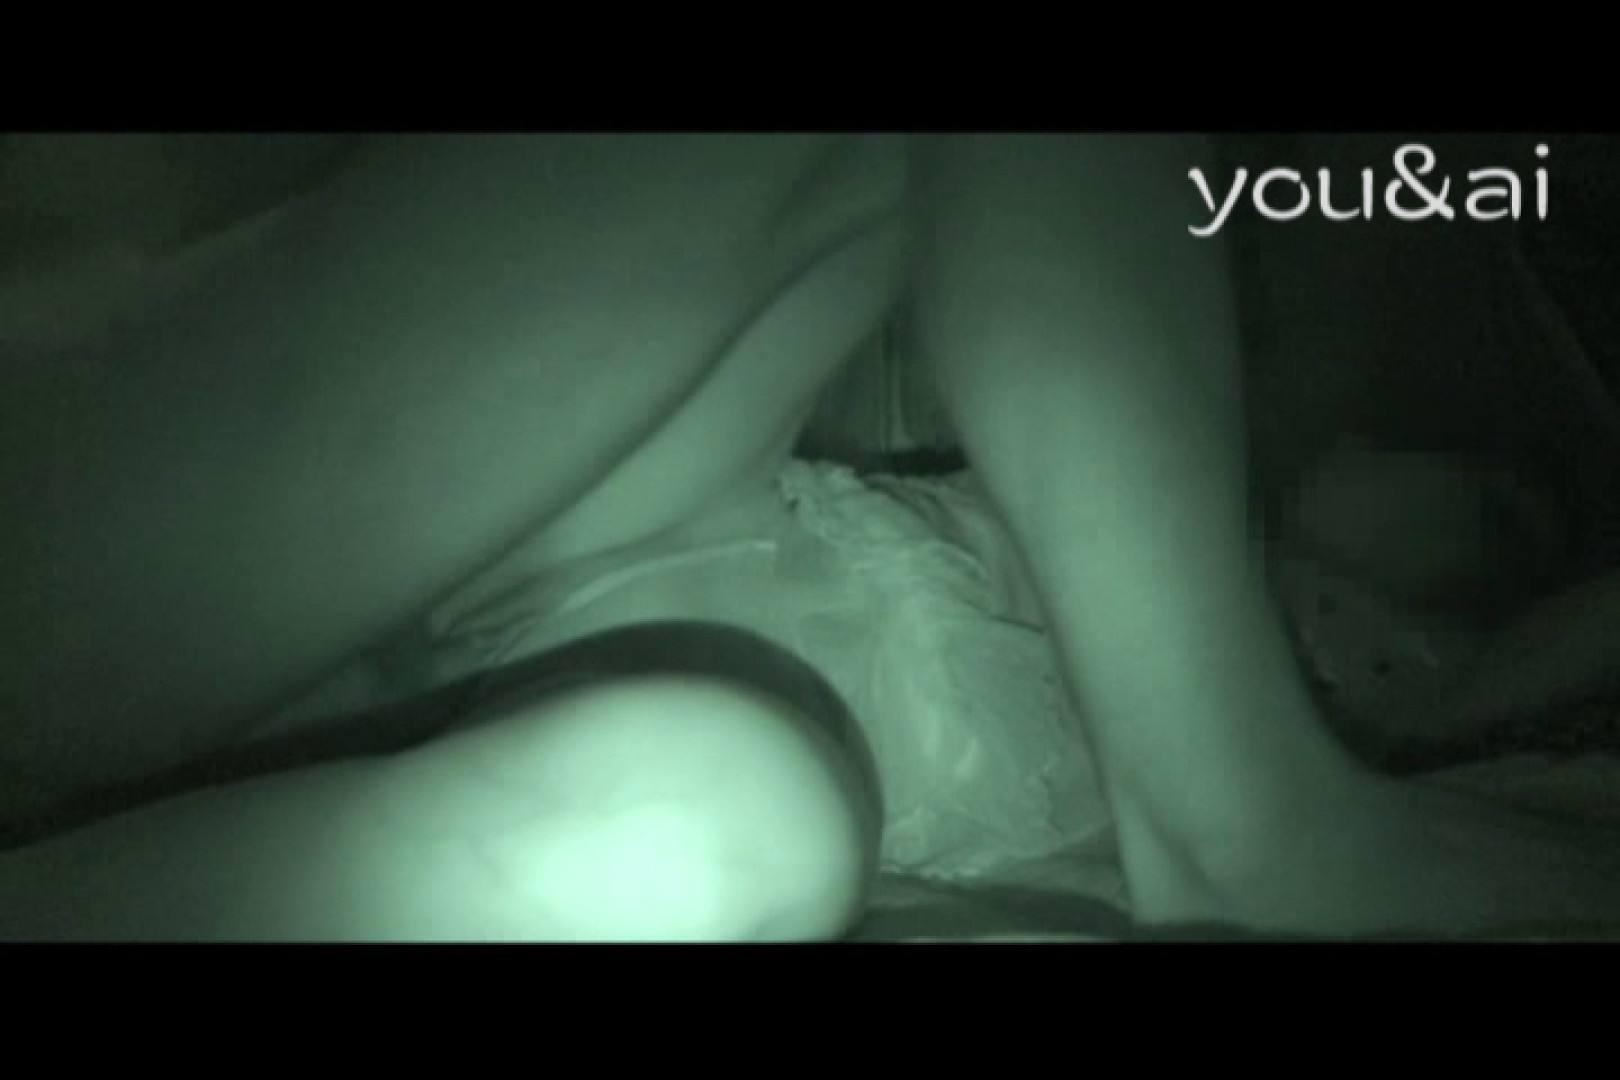 おしどり夫婦のyou&aiさん投稿作品vol.9 投稿  94連発 67